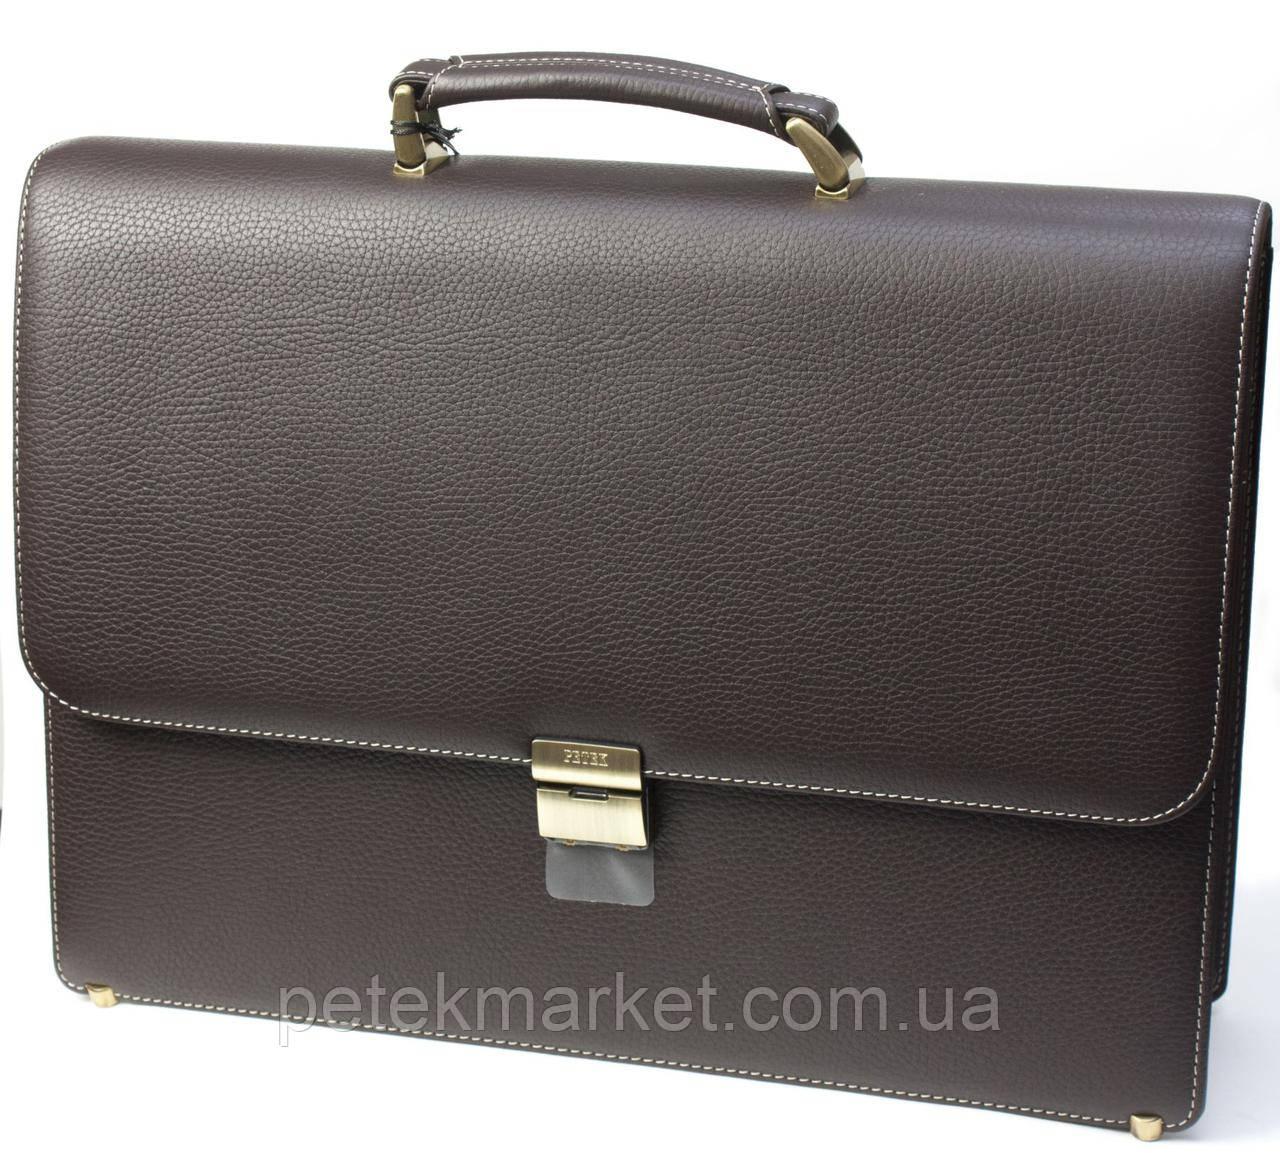 Портфель мужской PETEK 854 Коричневый (854-46BD-KD2)